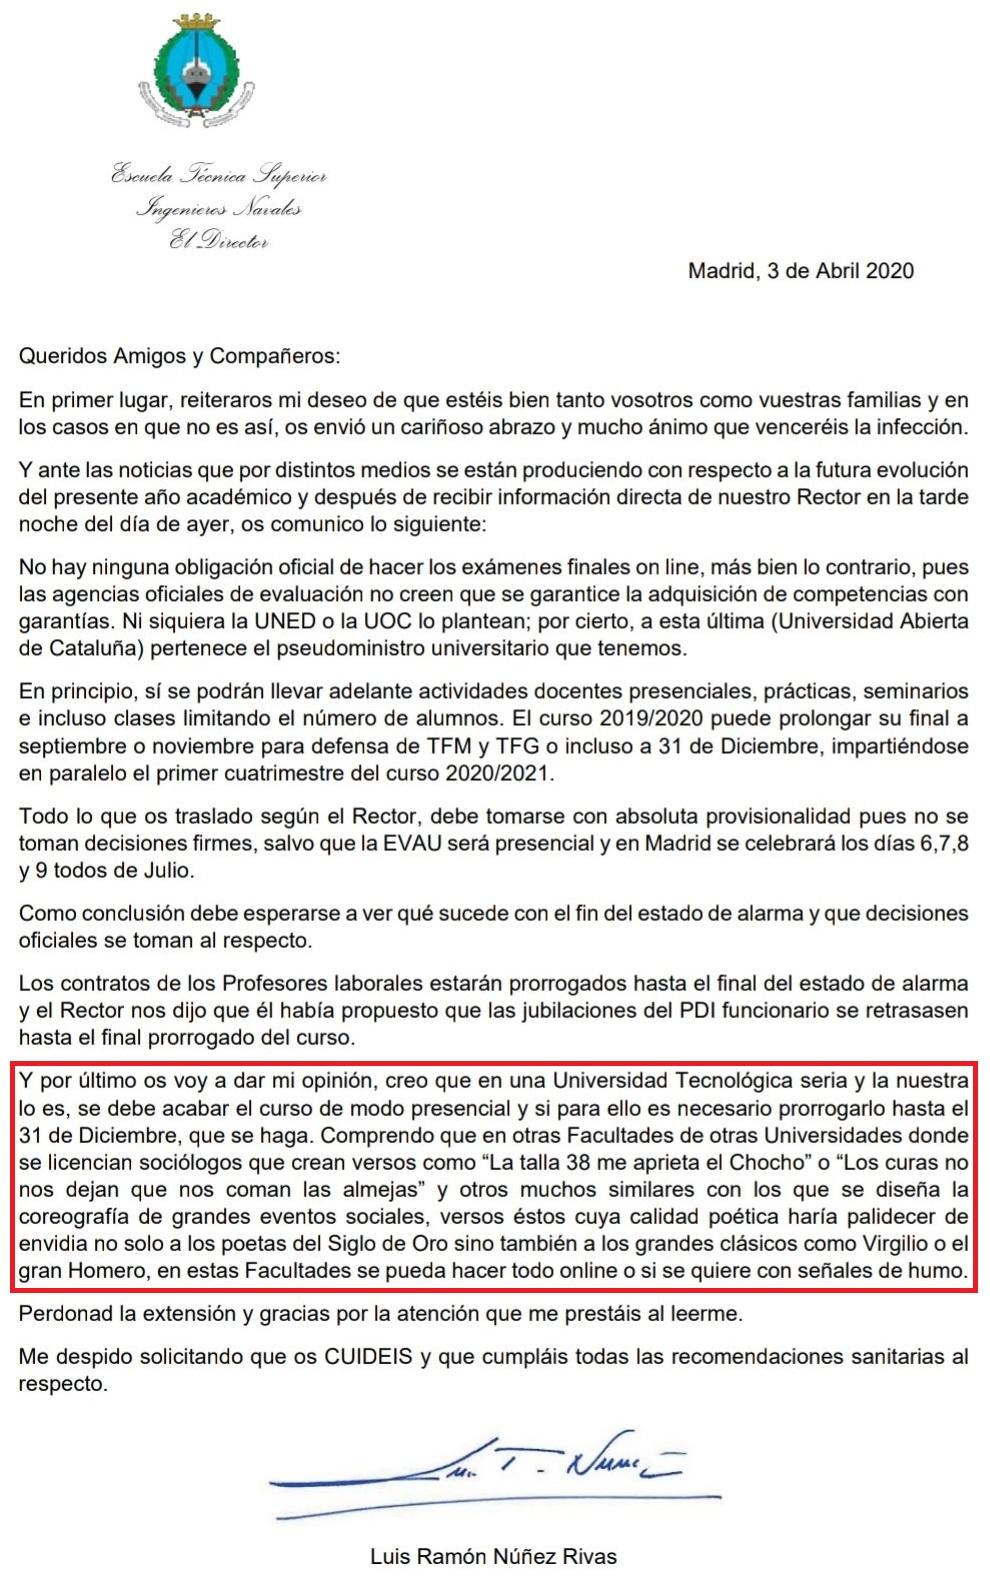 Carta del director de la Facultad de Ingenieros Navales a sus alumnos (ojo al último párrafo)